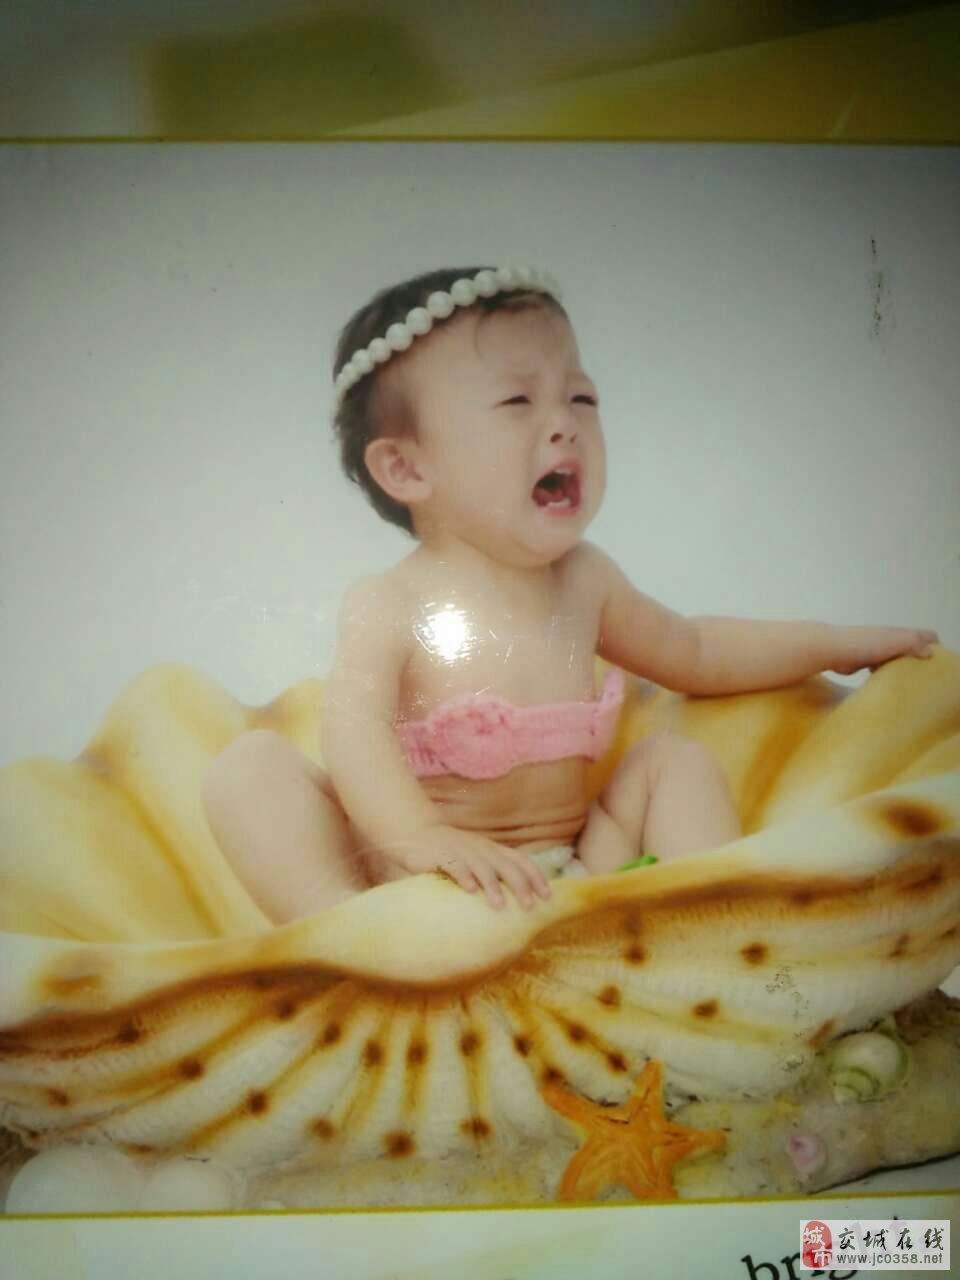 宝宝姓名:吕佳柯 宝宝年龄:3 宝宝性别:女 兴趣爱好:跳舞 家长寄语